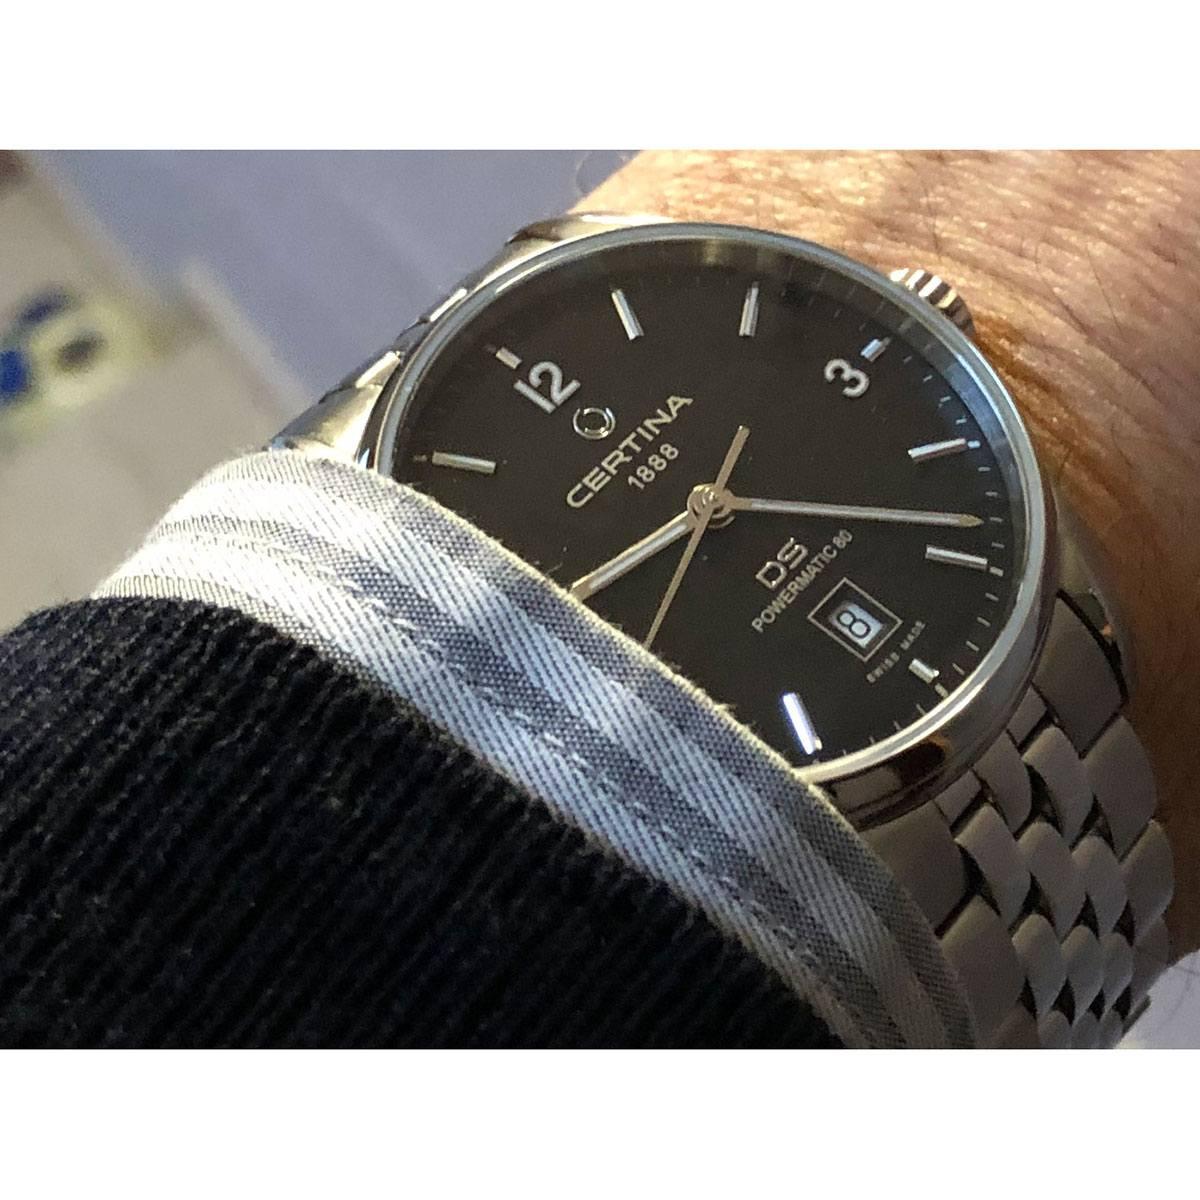 Часовник Certina C026.407.11.057.00